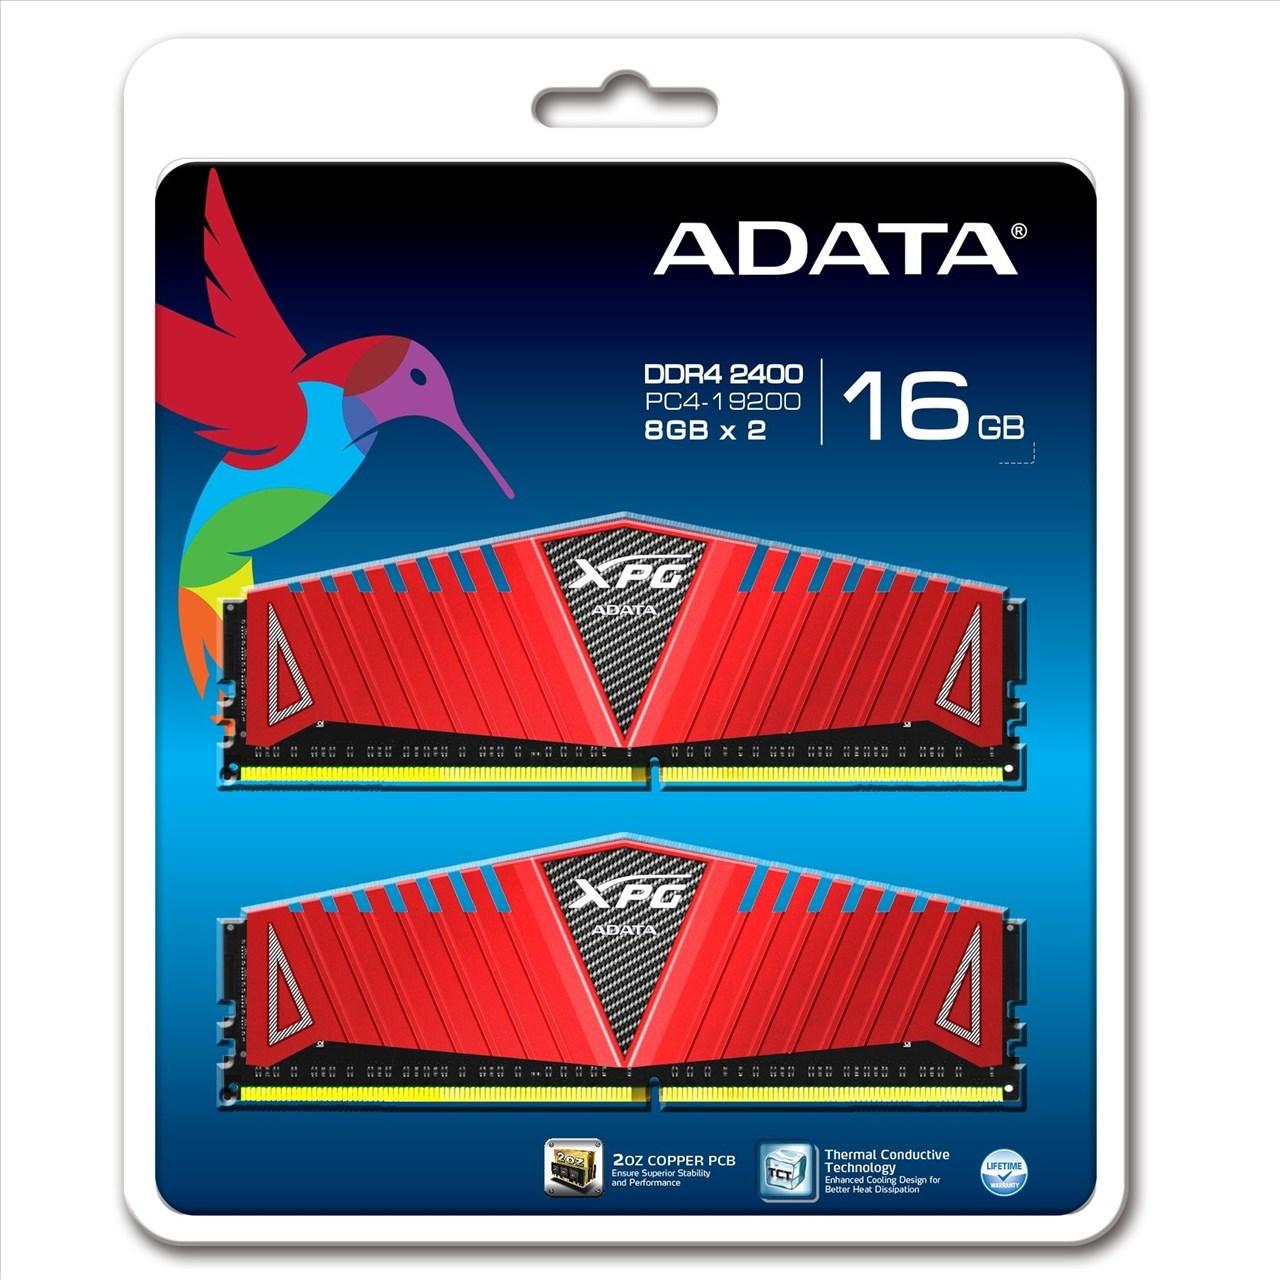 【新風尚潮流】威剛 XPG Z1 超頻 16GB DDR4-2400 終保 AX4U2400W8G16-DRZ